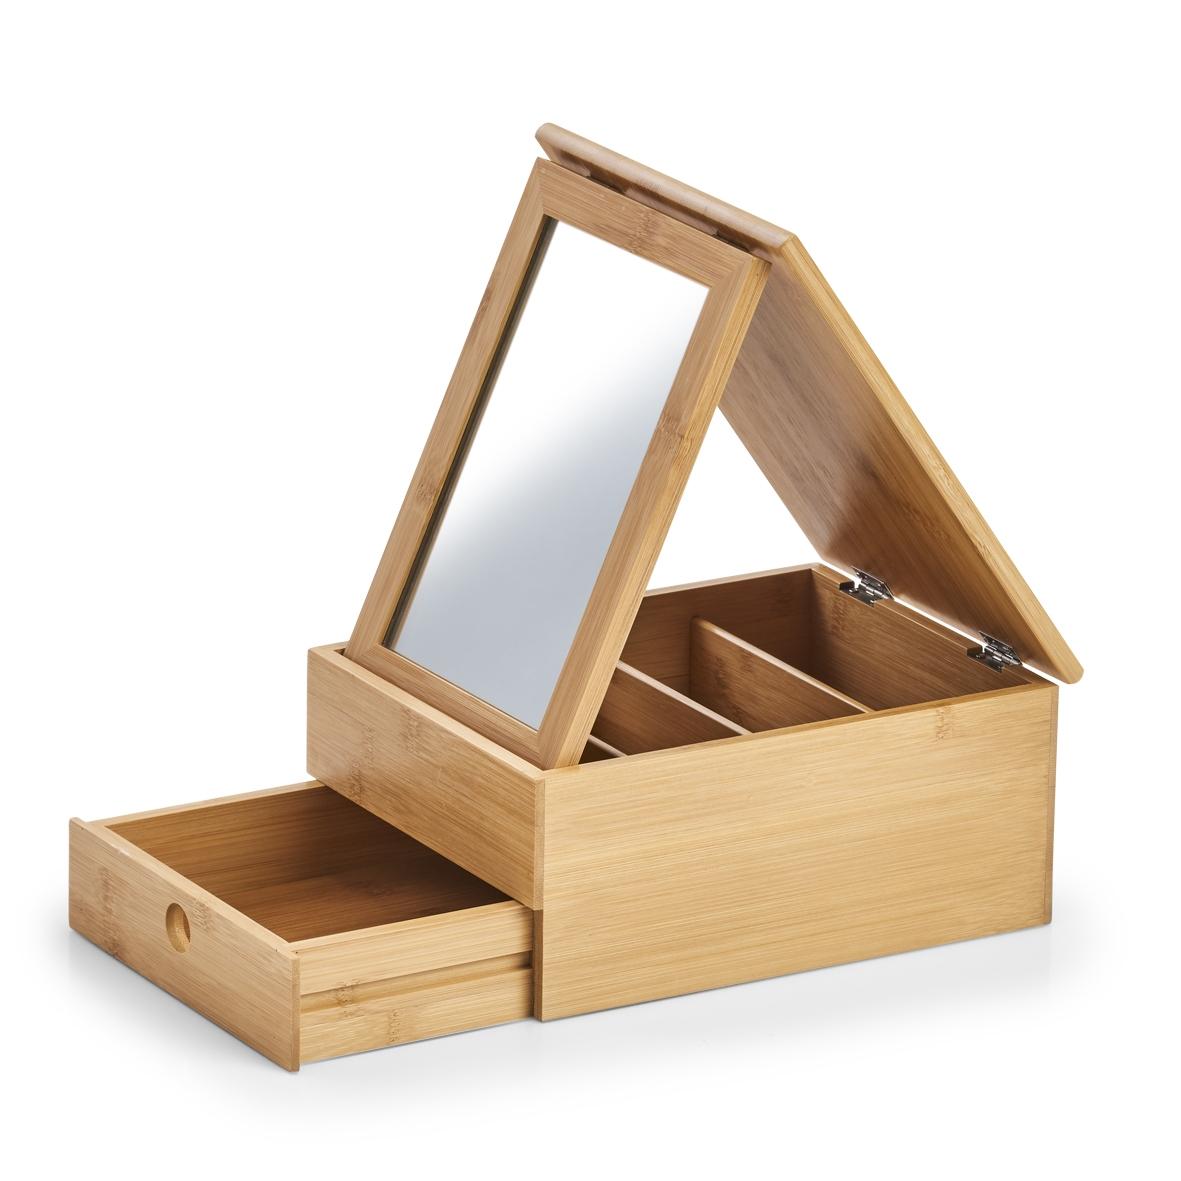 Cutie pentru cosmetice din bambus cu oglinda, Bamboo Natural, l25xA19xH11,2 cm imagine